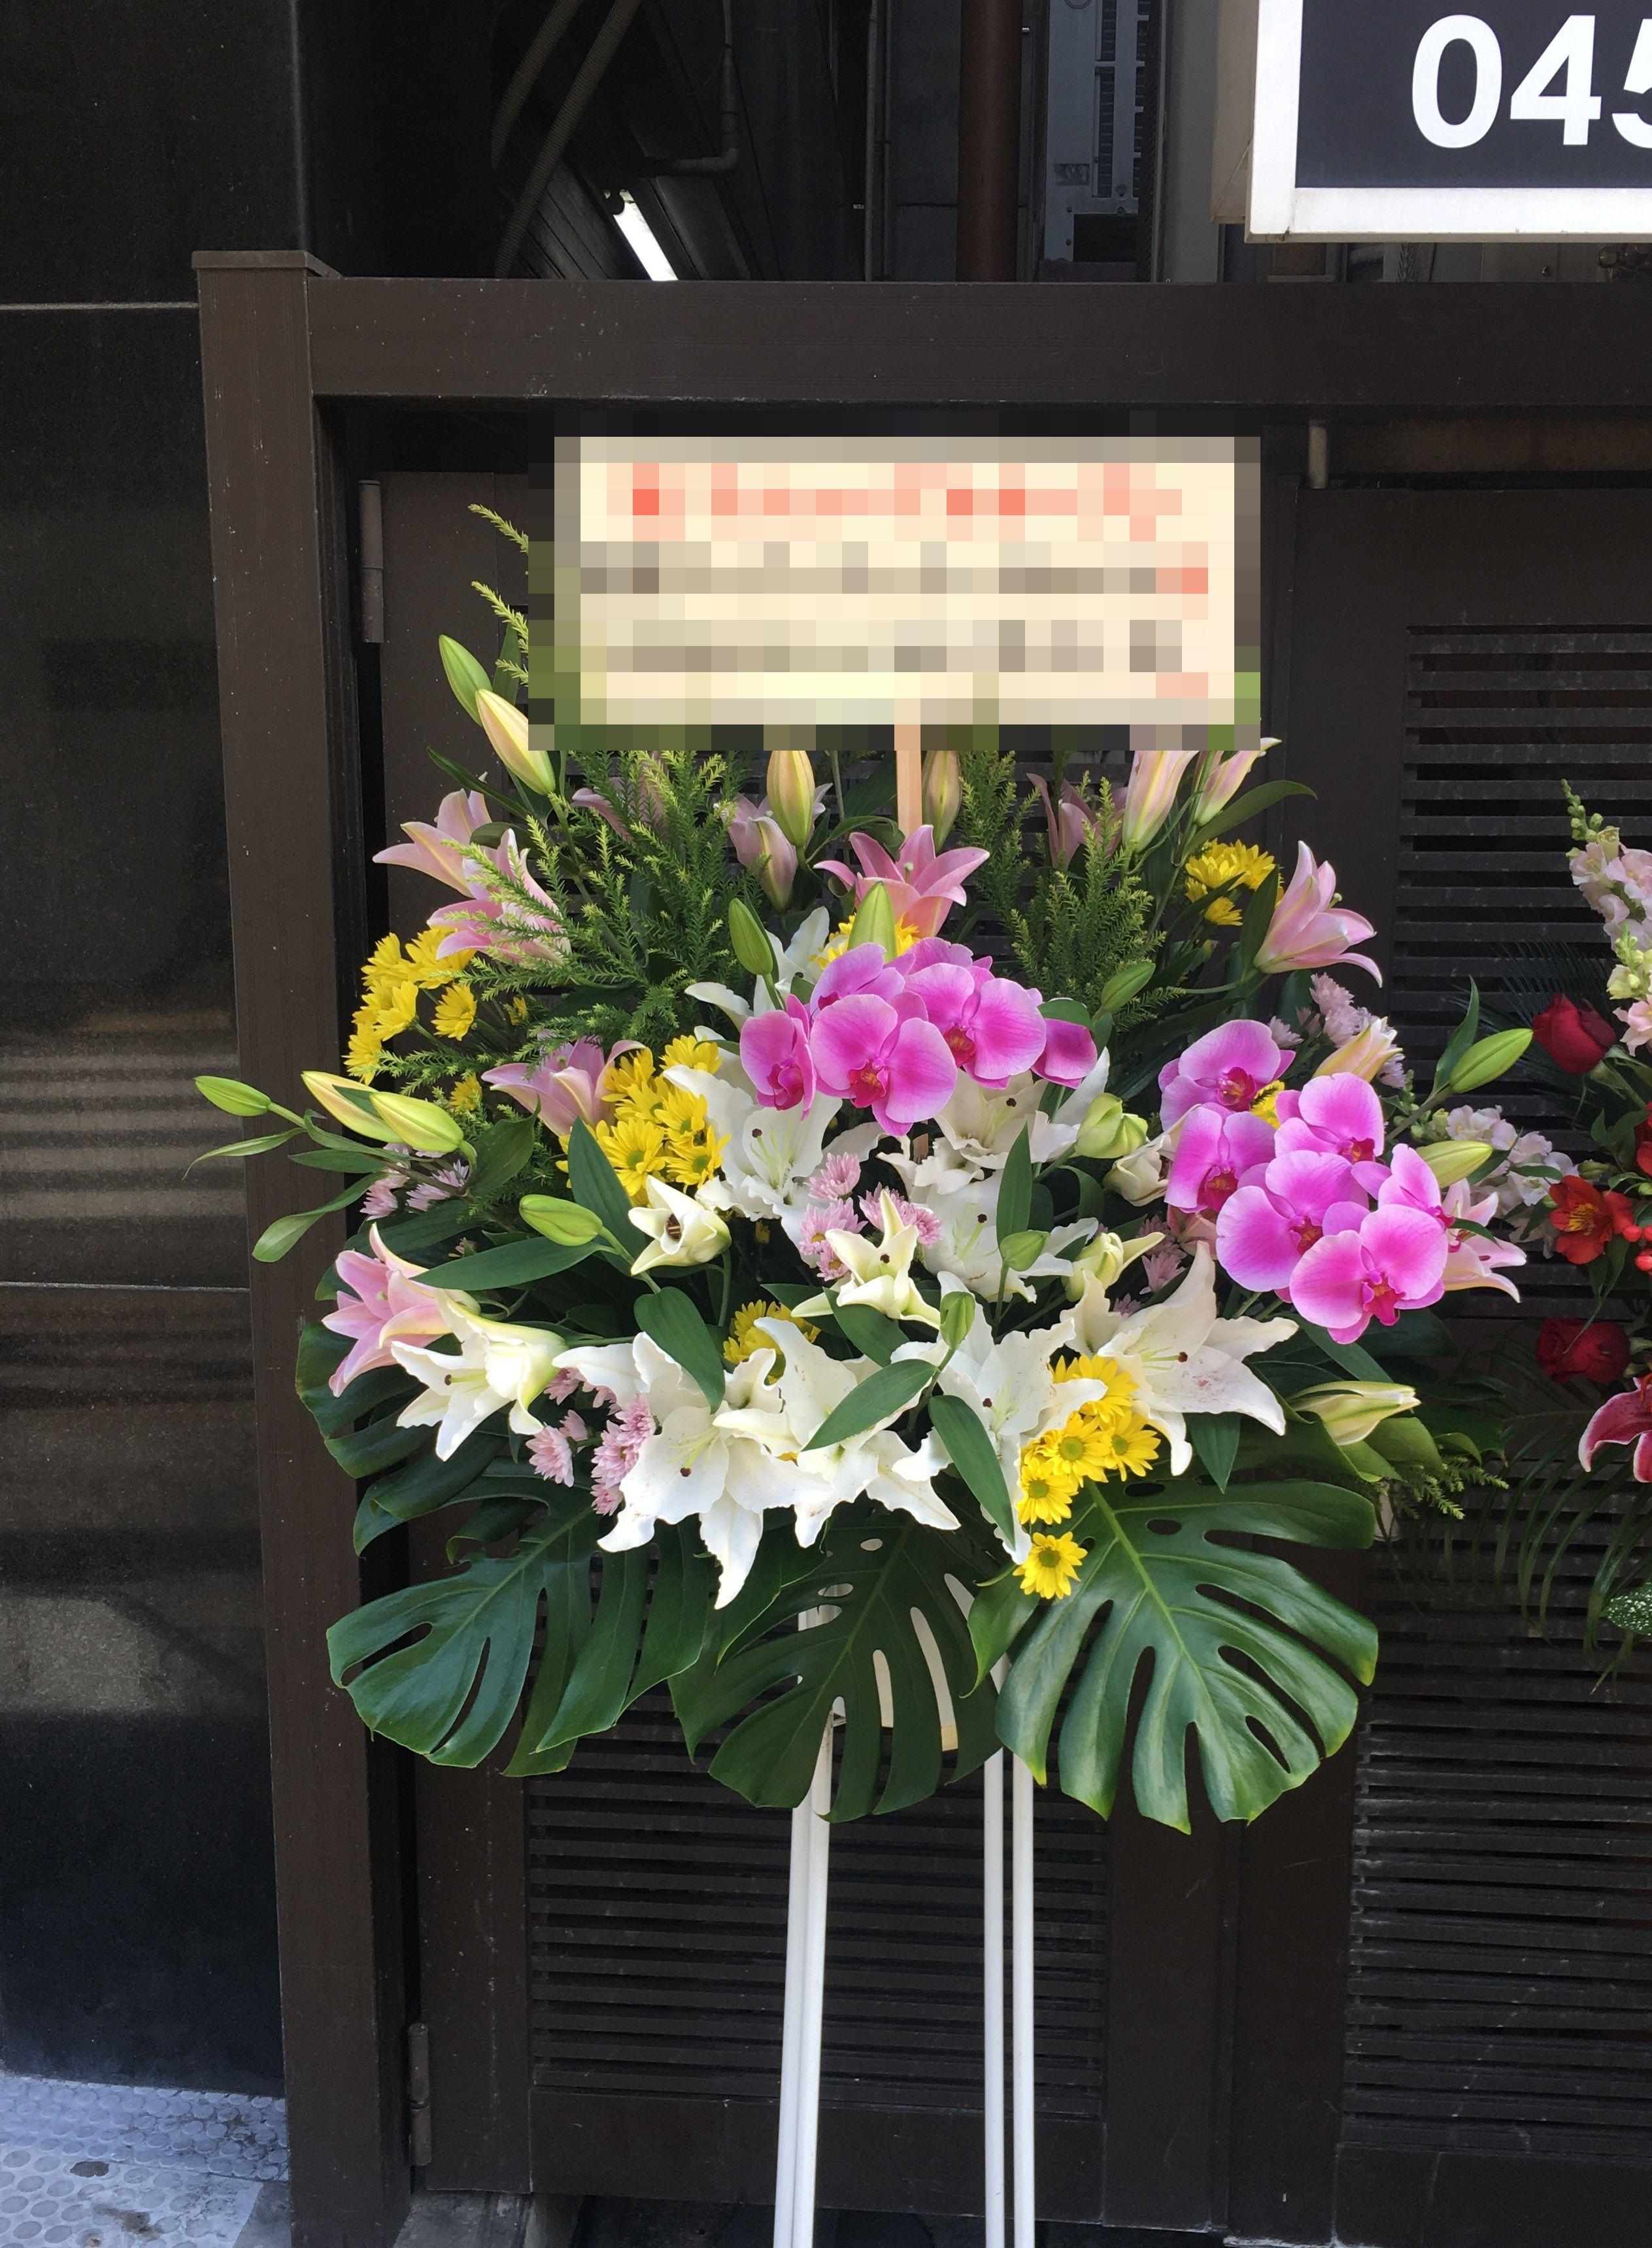 【ナオ花屋の納品事例195】横浜市関内駅前セルテ様へスタンド花を配達しました!